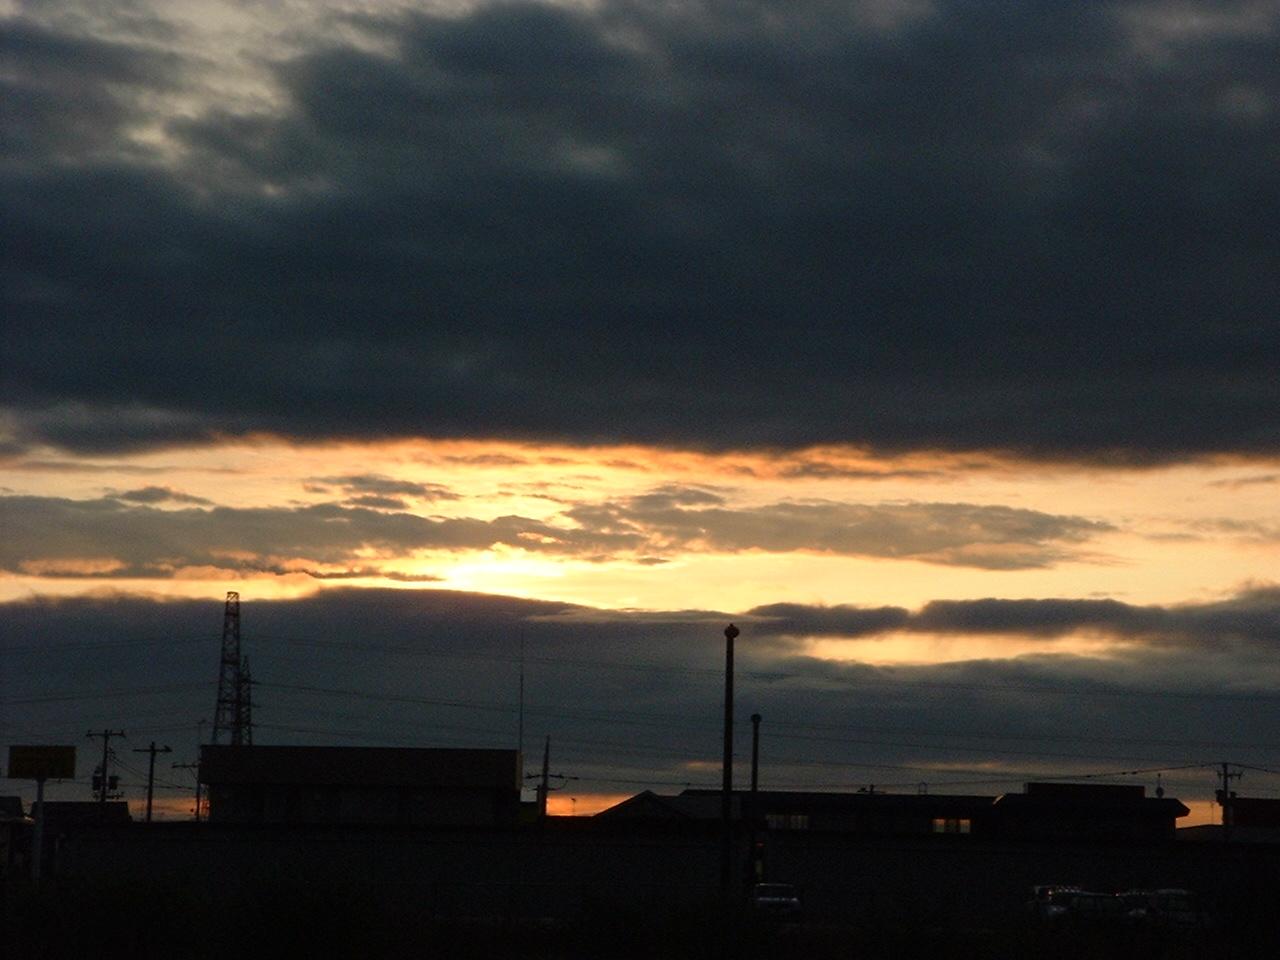 夜明け前東を望む